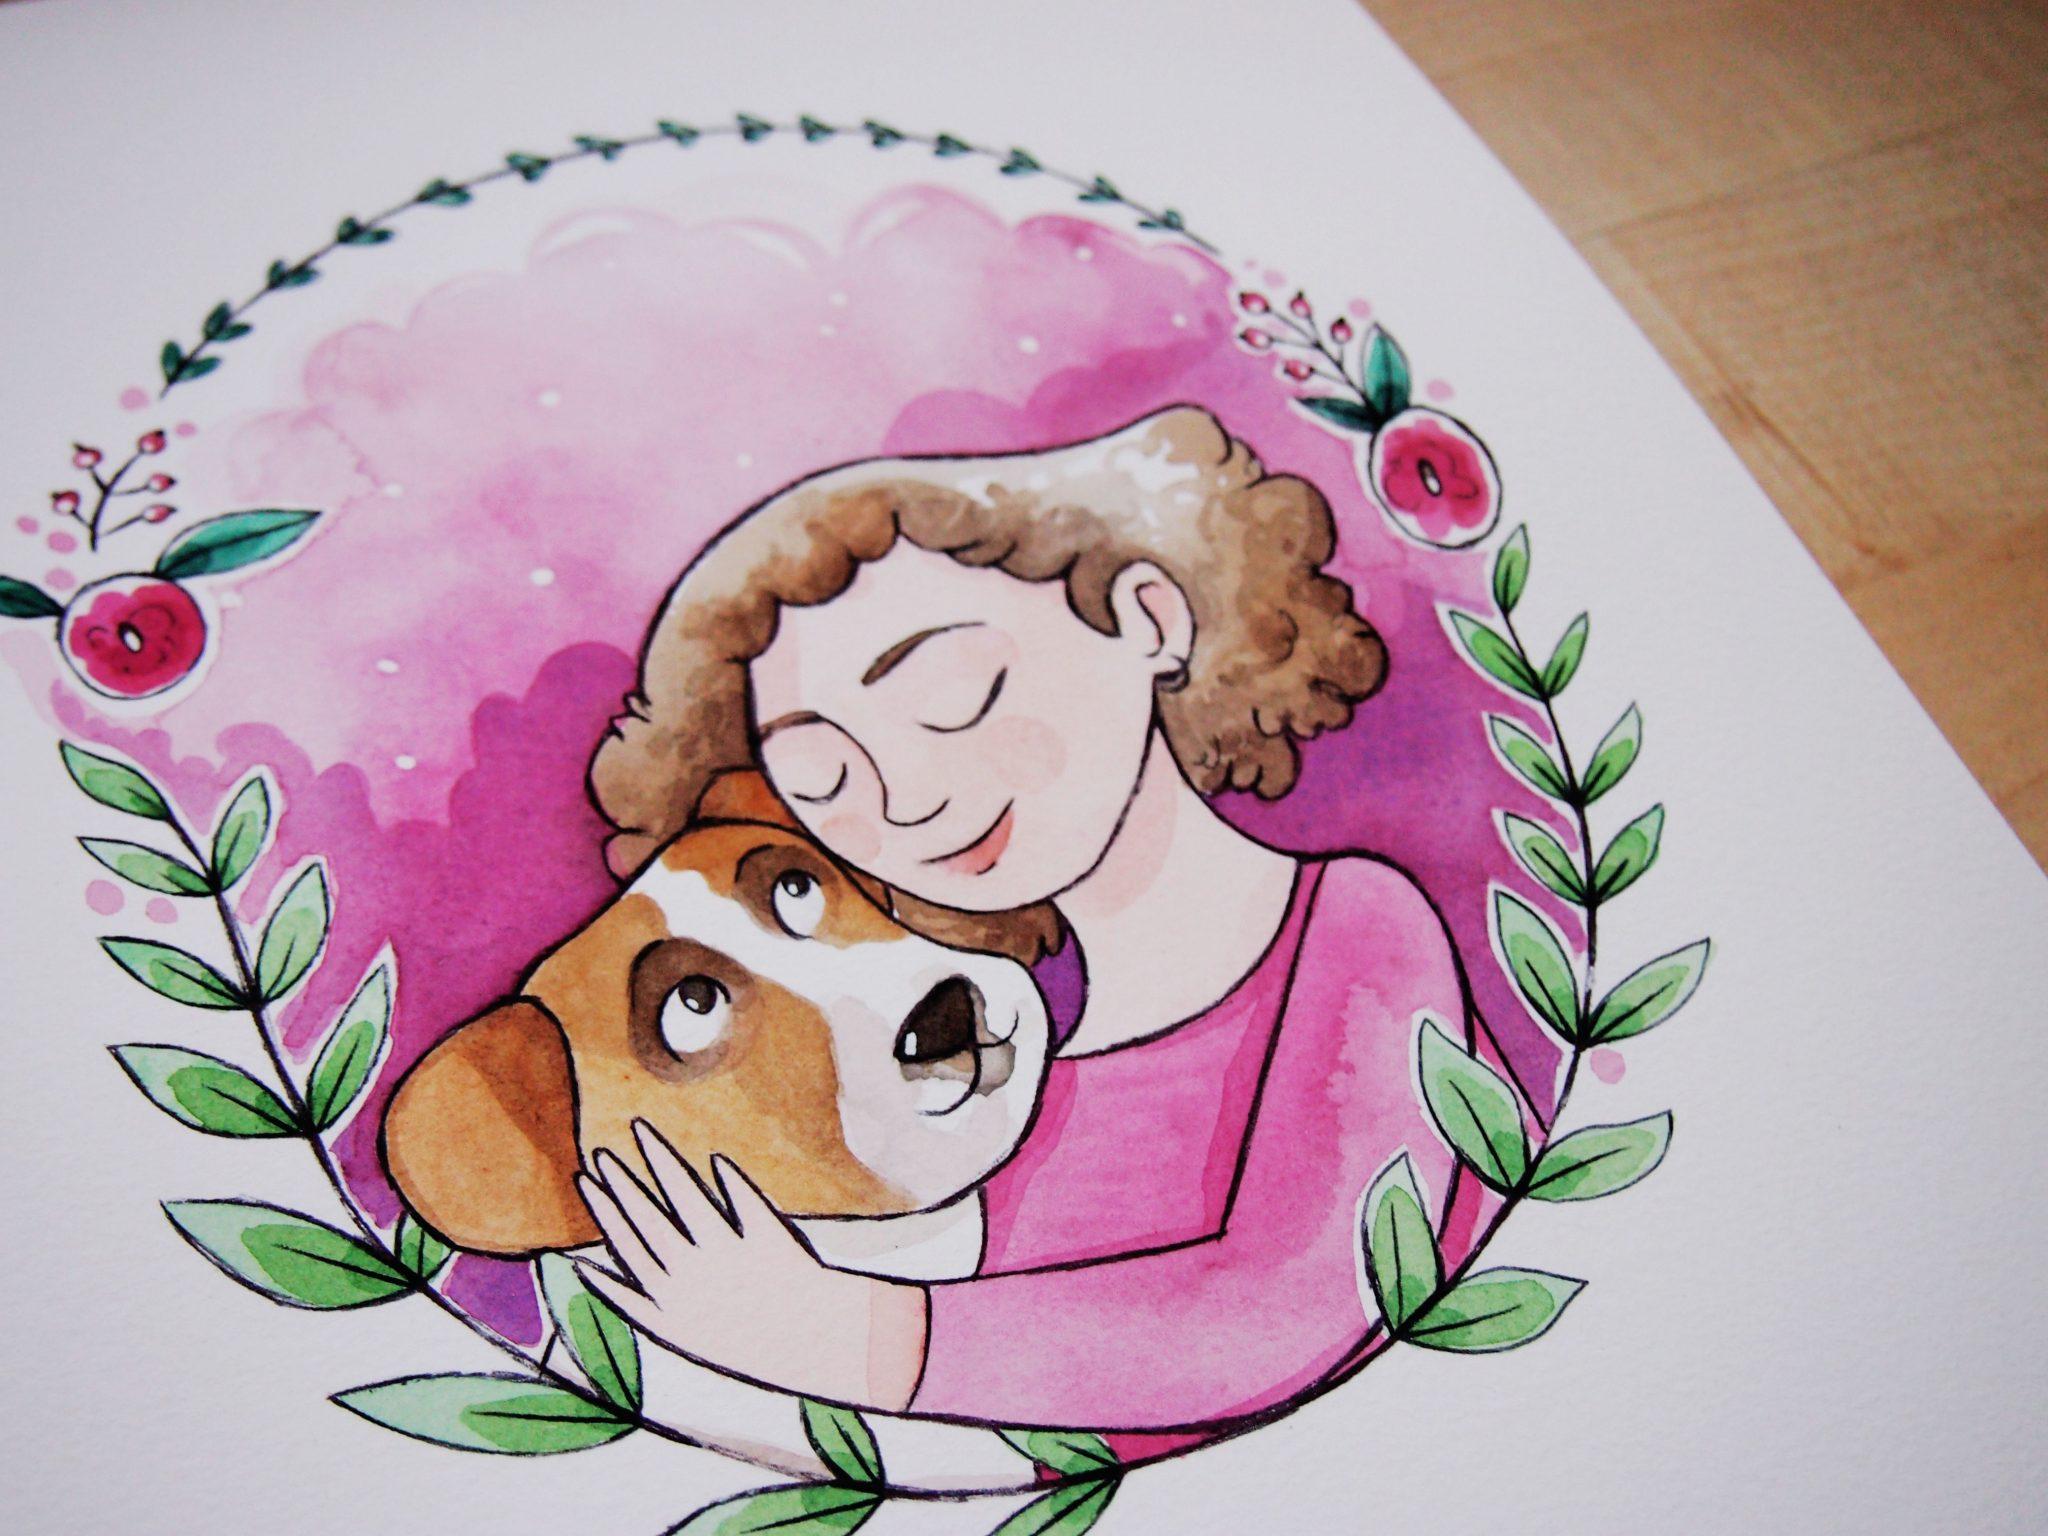 Ritratti personalizzati e illustrati